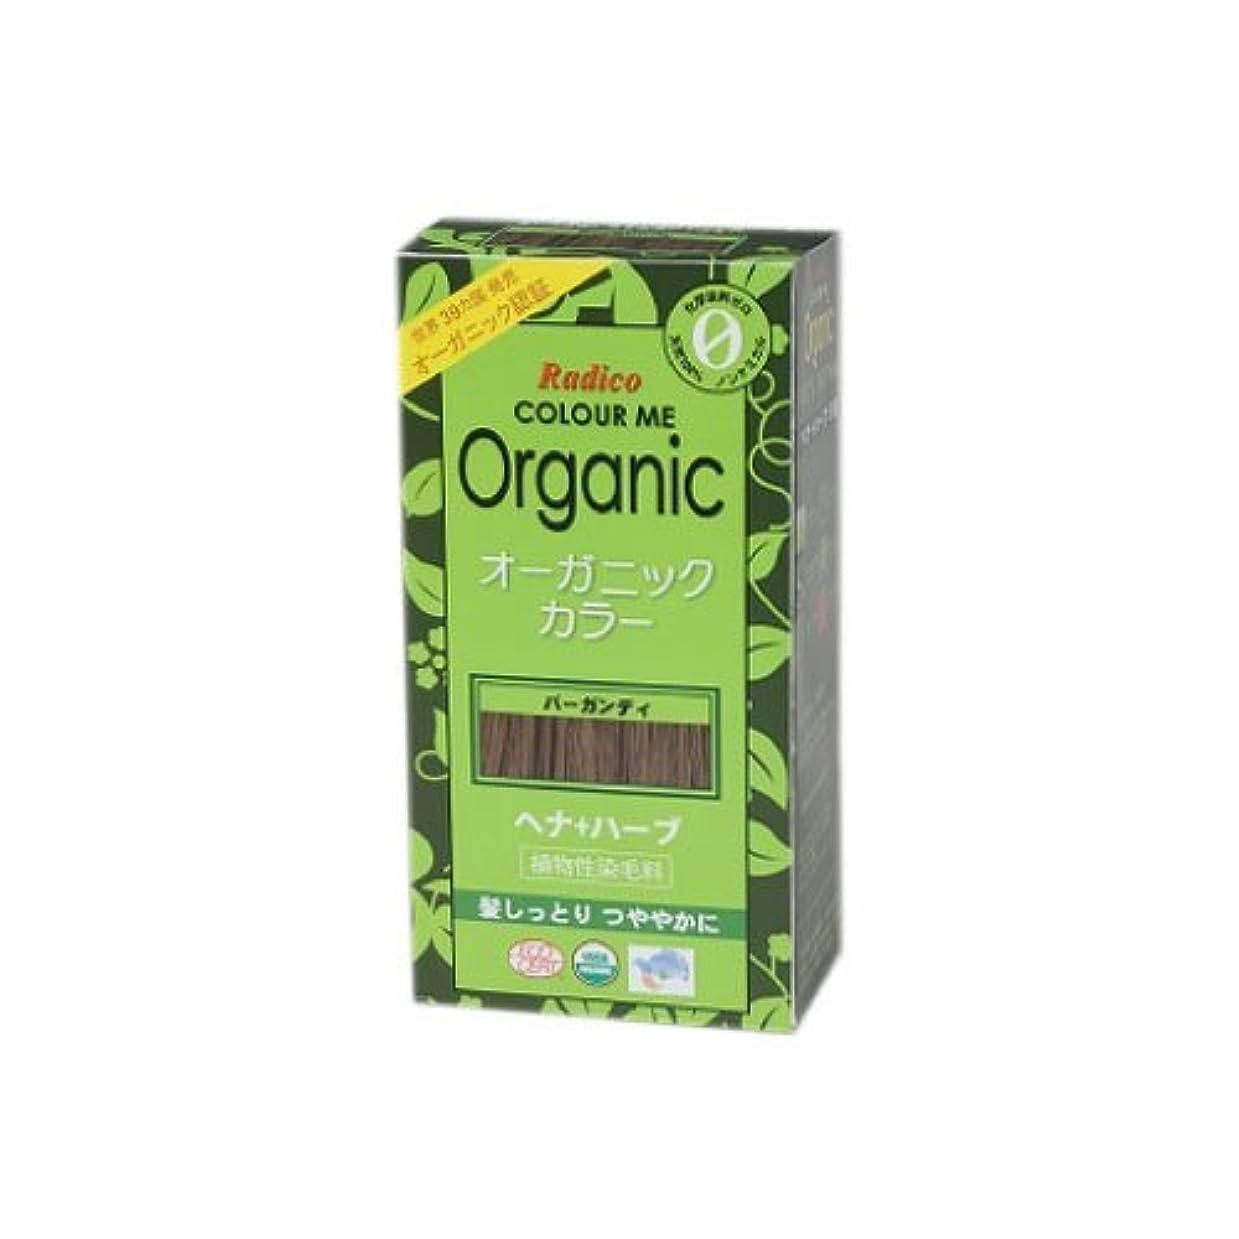 気付く悪用私のCOLOURME Organic (カラーミーオーガニック ヘナ 白髪用) バーガンディ 100g